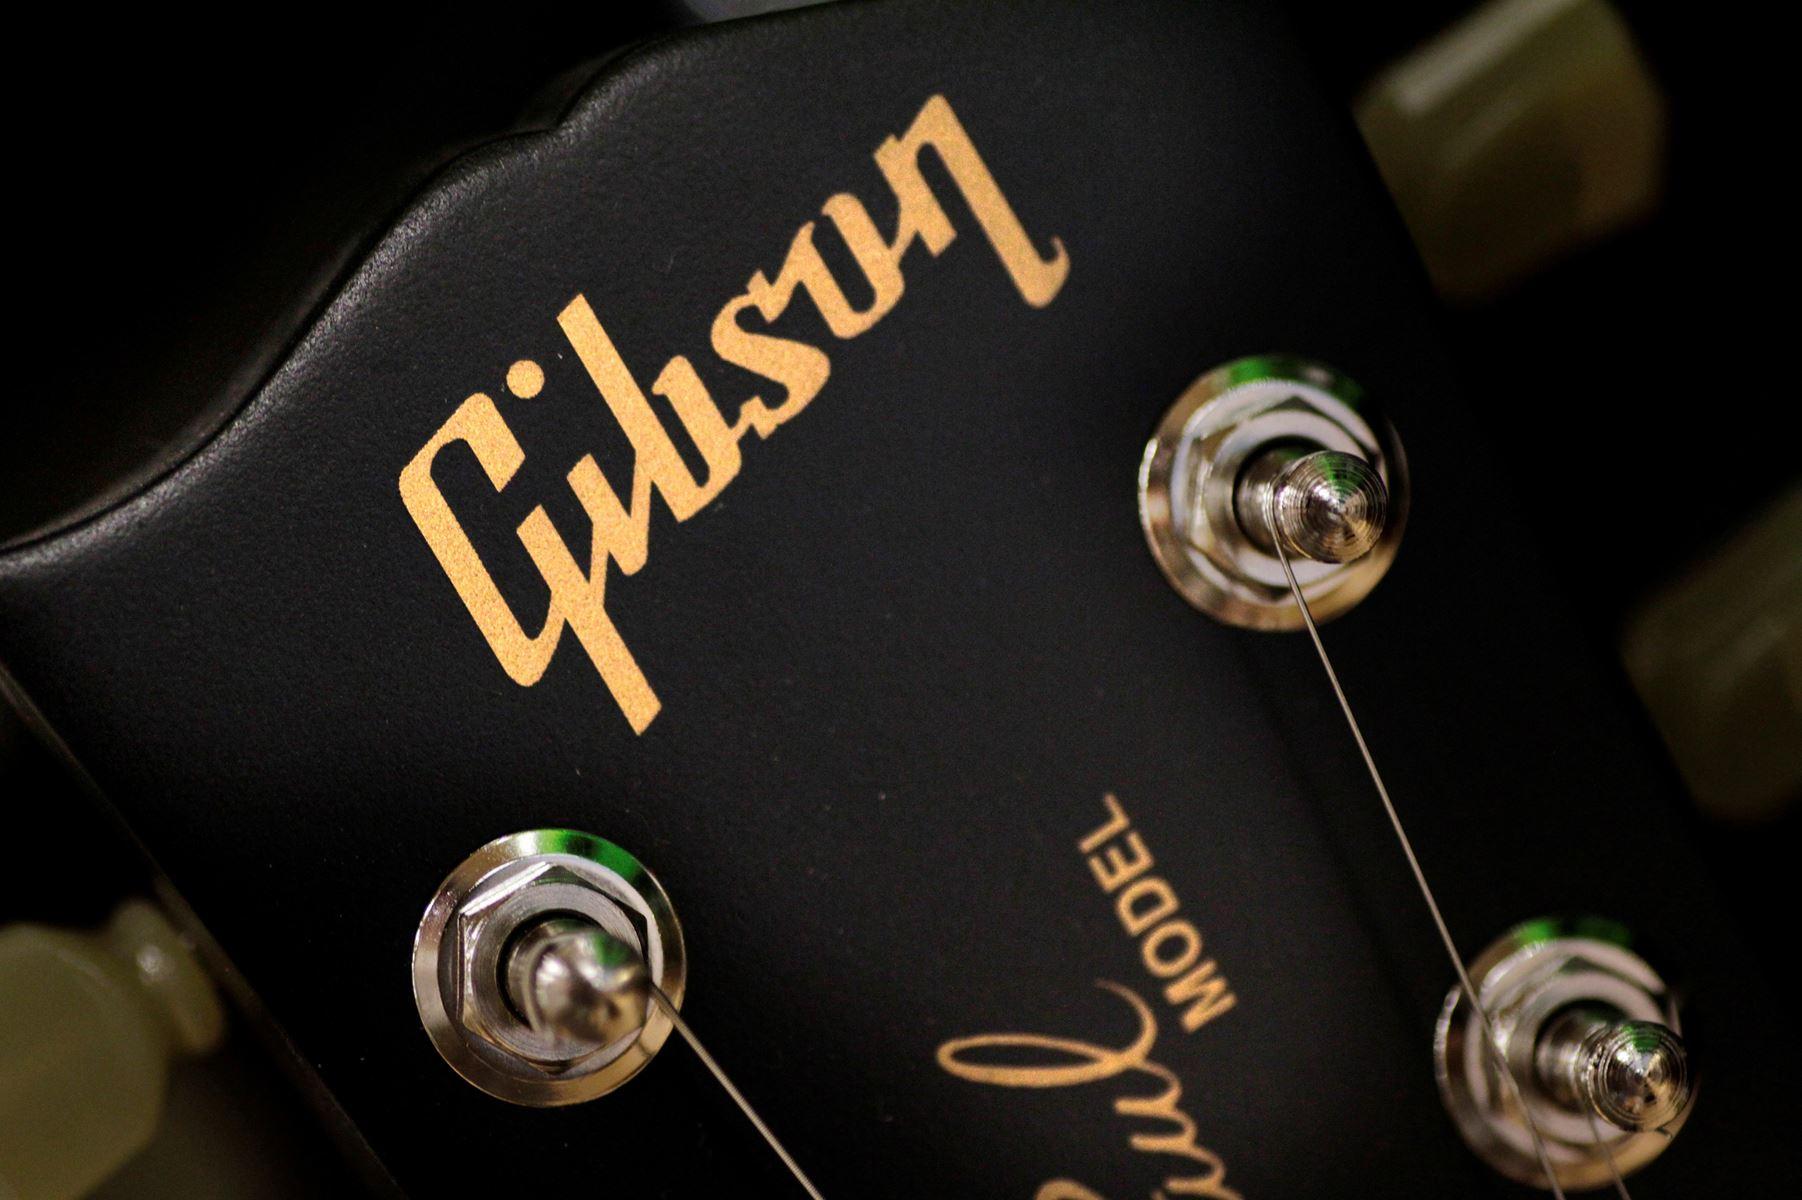 Guitarproducenten Gibson Brands er i store økonomiske problemer og søger nu derfor om reorganisering.